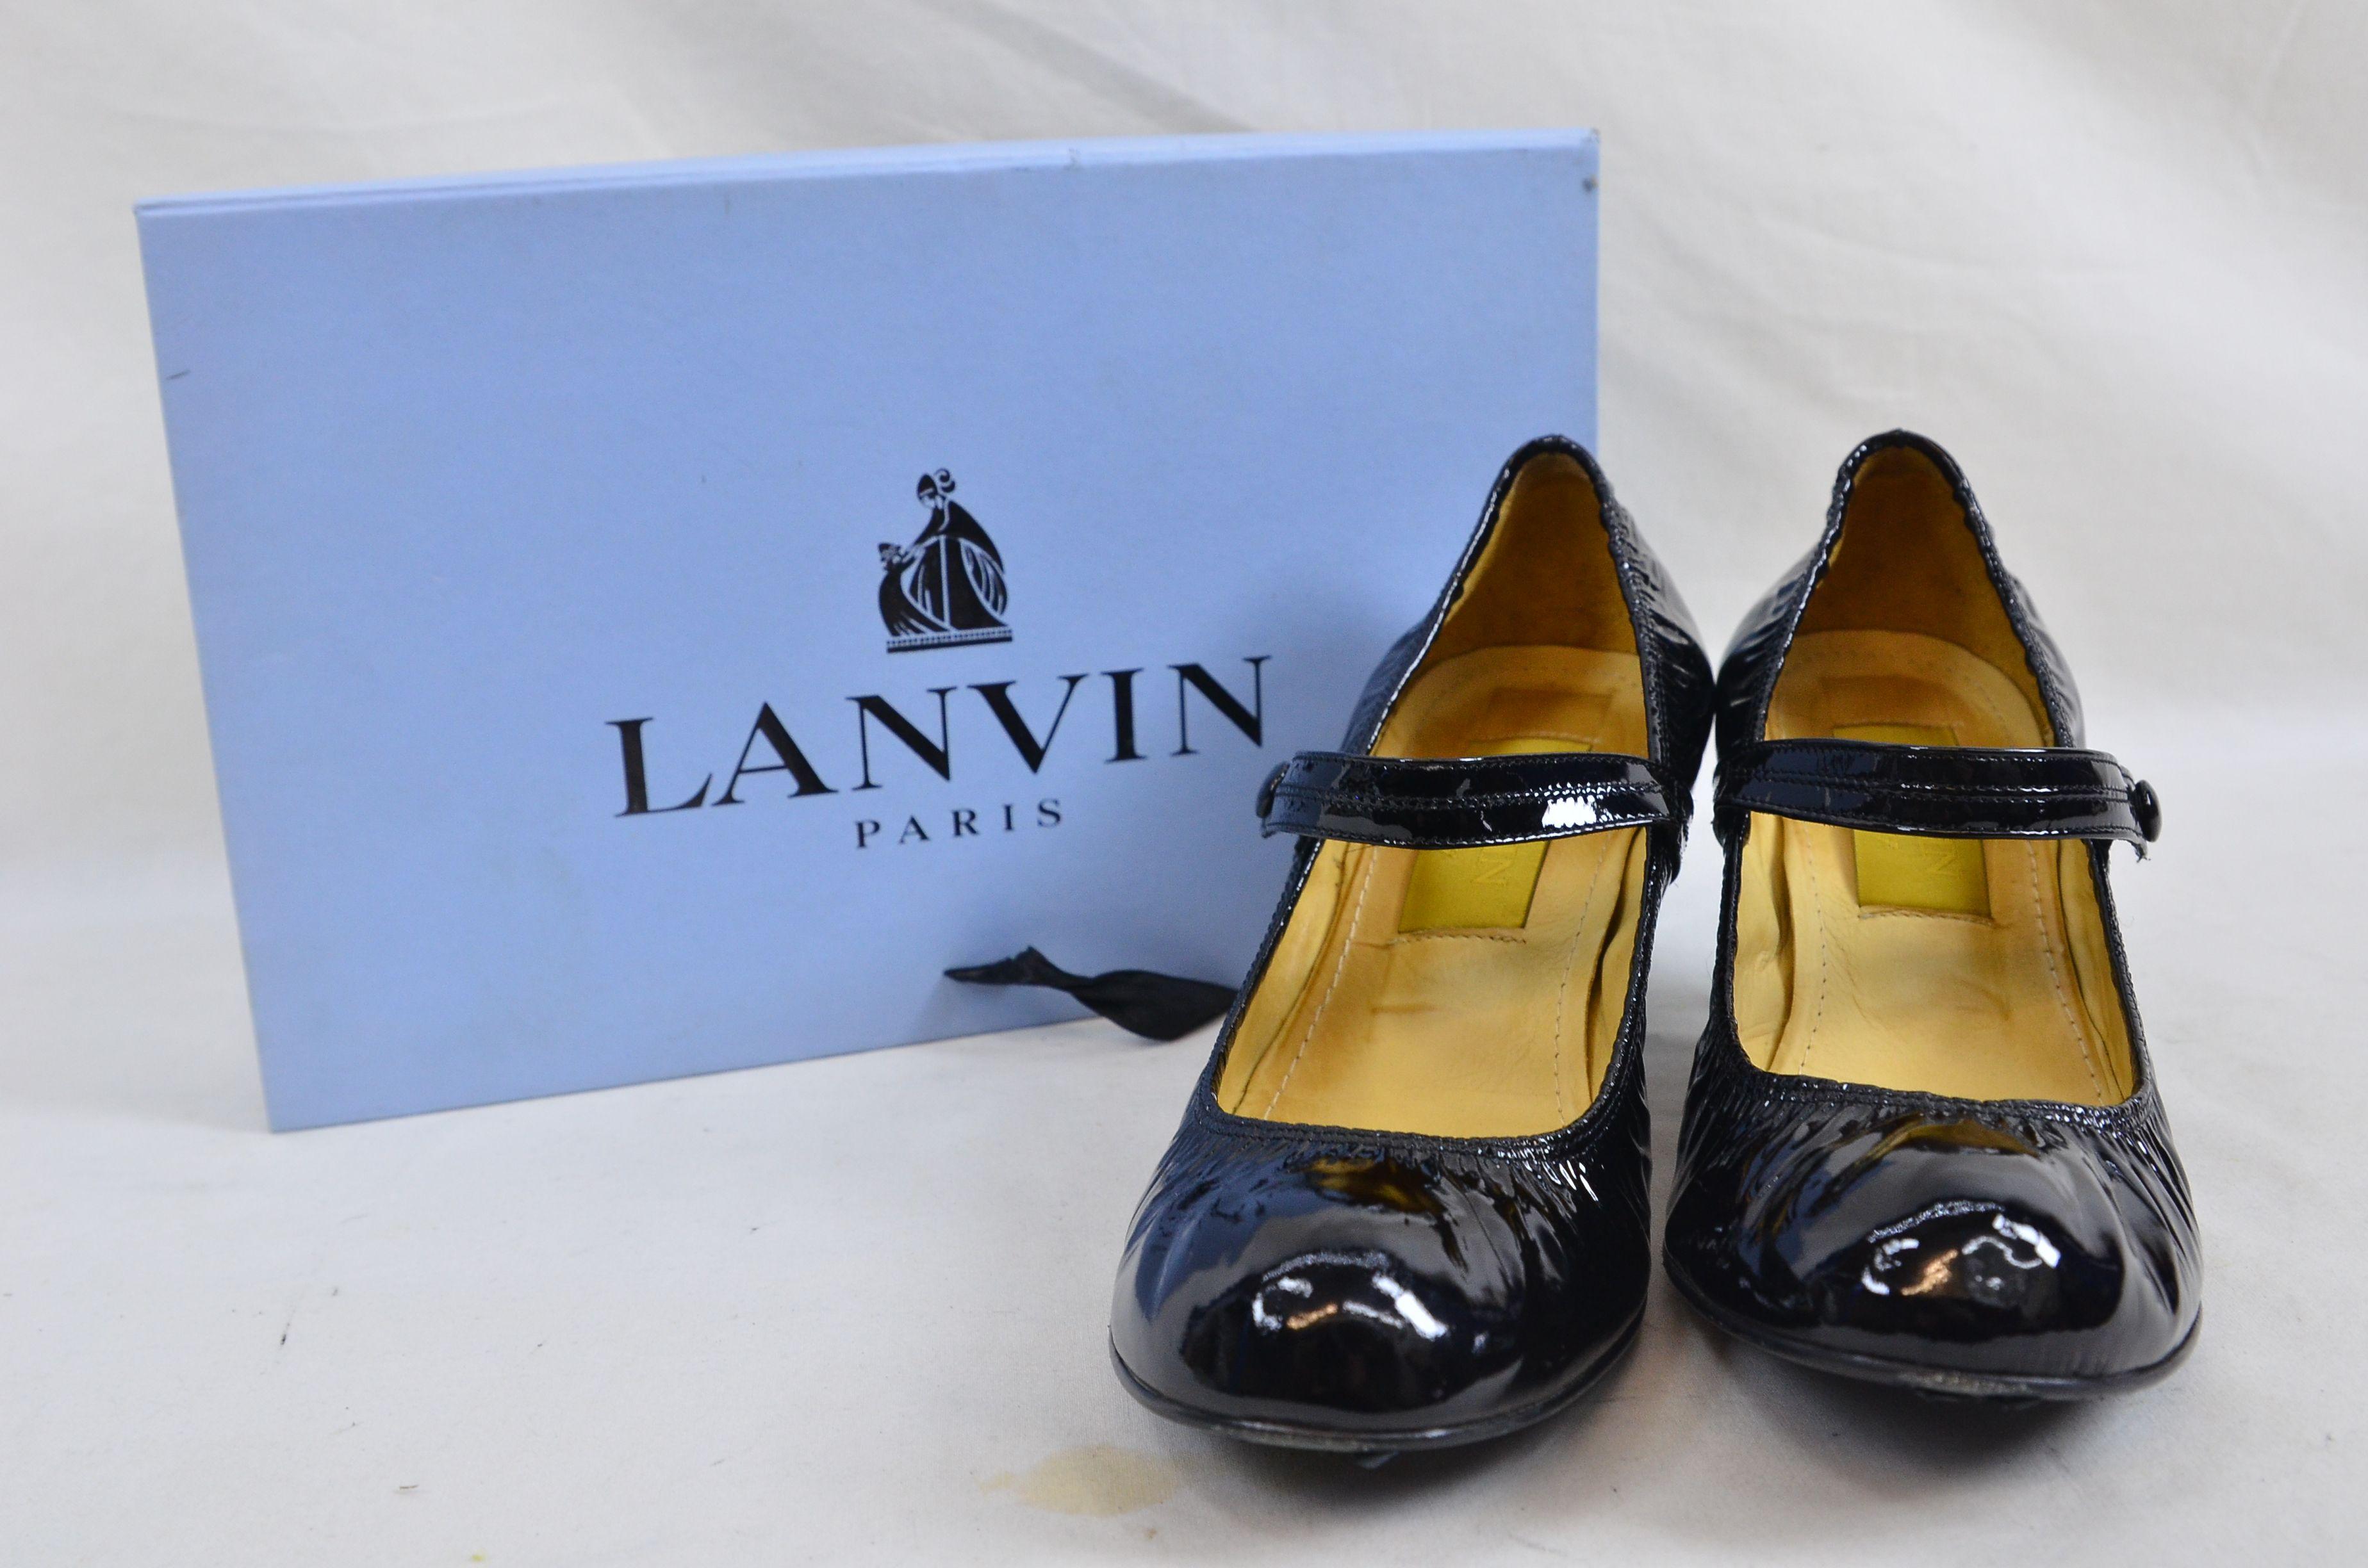 710cba2e383 Lanvin River 2007 Ballerinas Bride Velvet Lamb Heel Ballet Black Shoe 1.  Open Full-Size Image